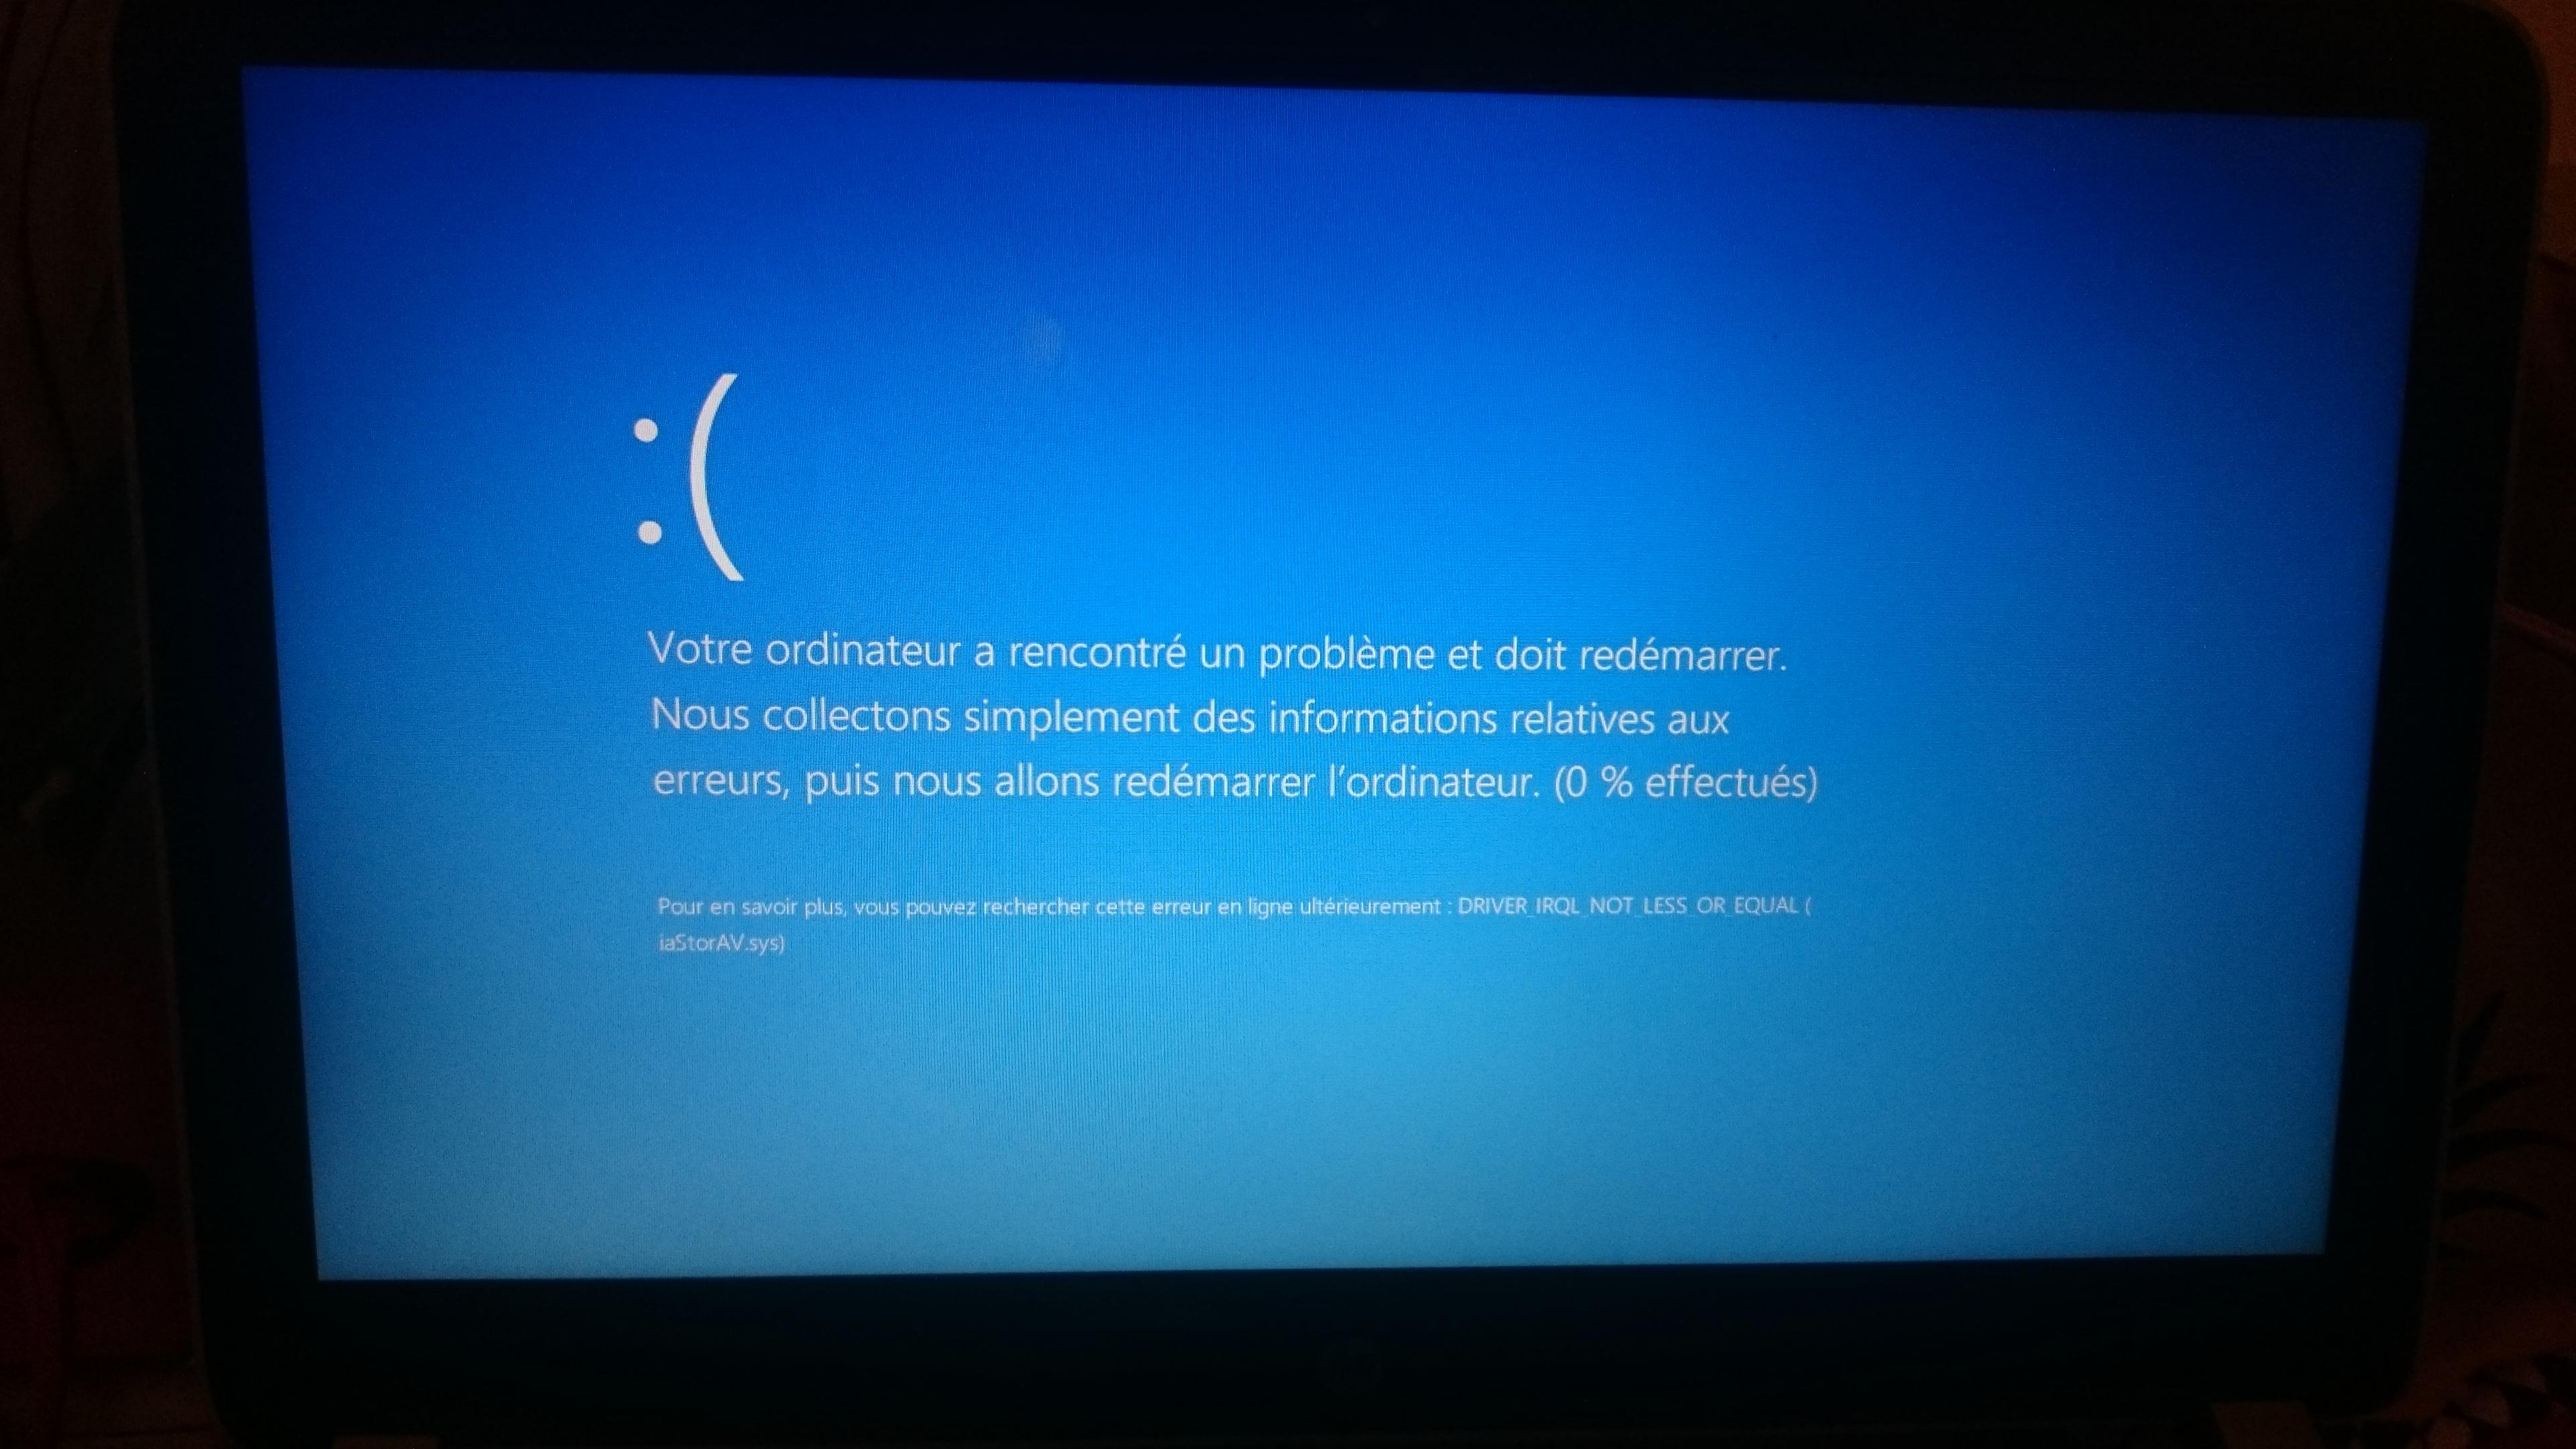 votre ordinateur a rencontré un problème et doit redémarrer nous collectons